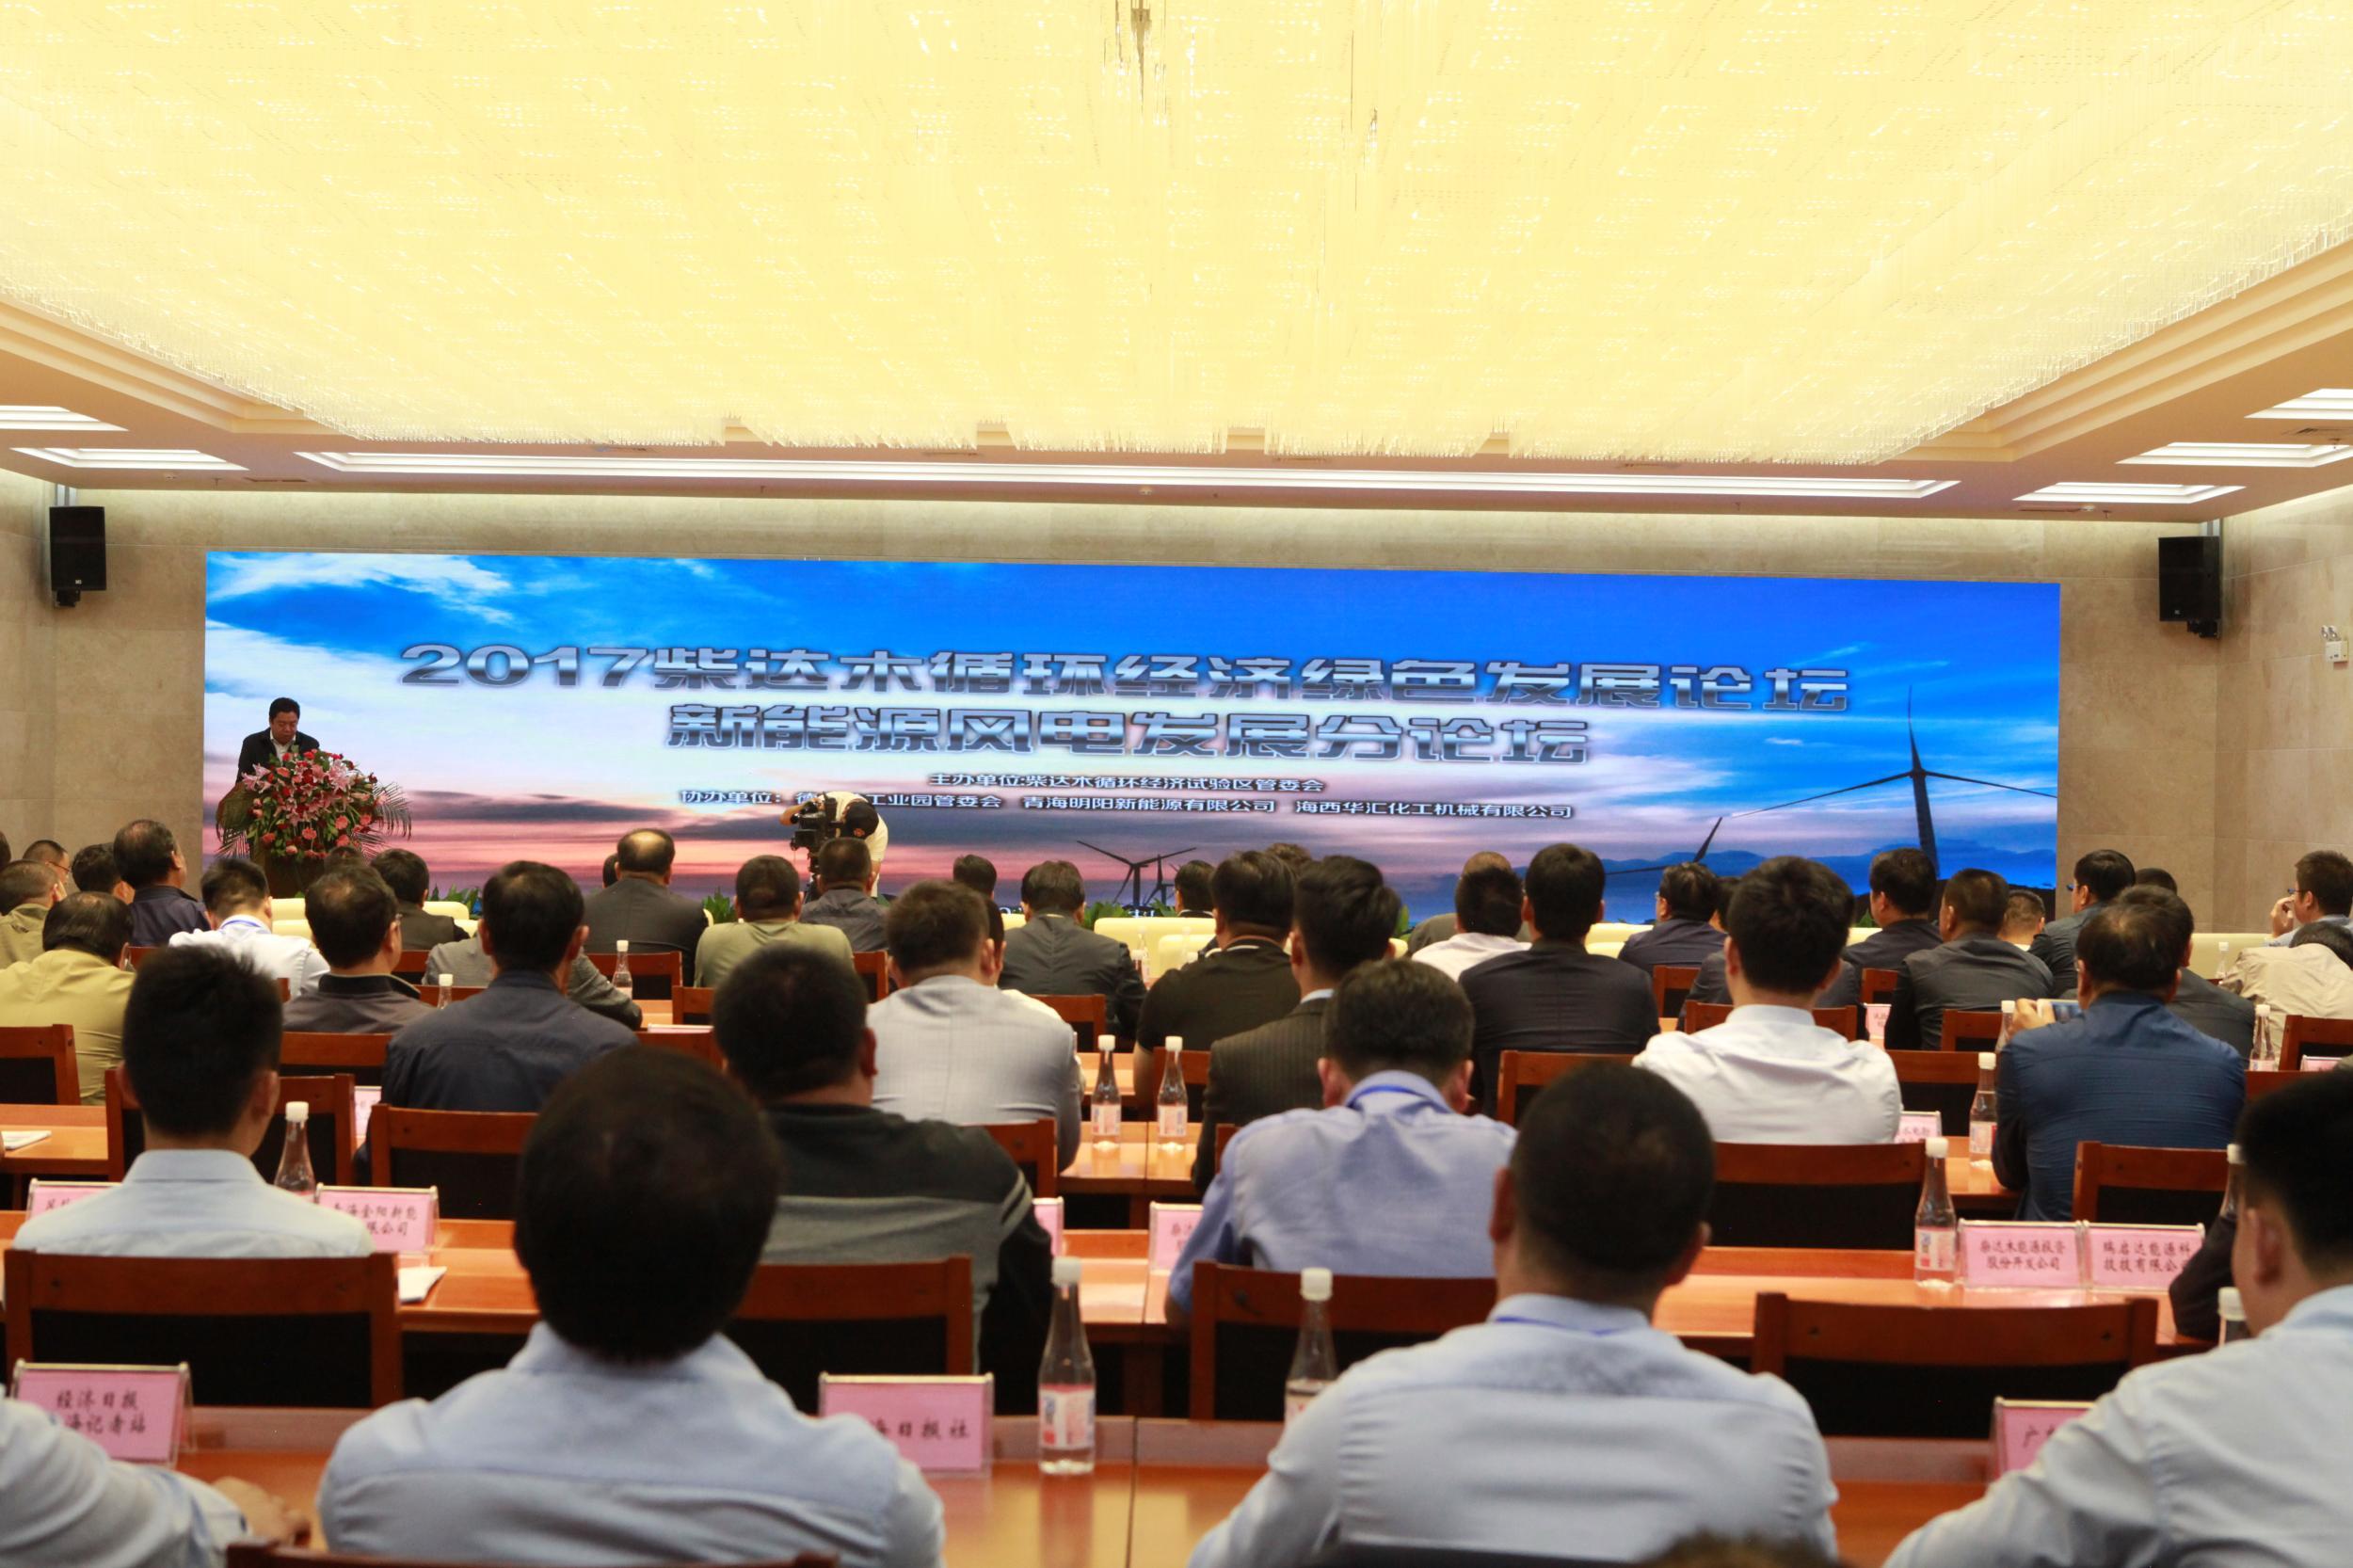 2017柴达木循环经济绿色发展论坛新能源风电发展分论坛成功召开